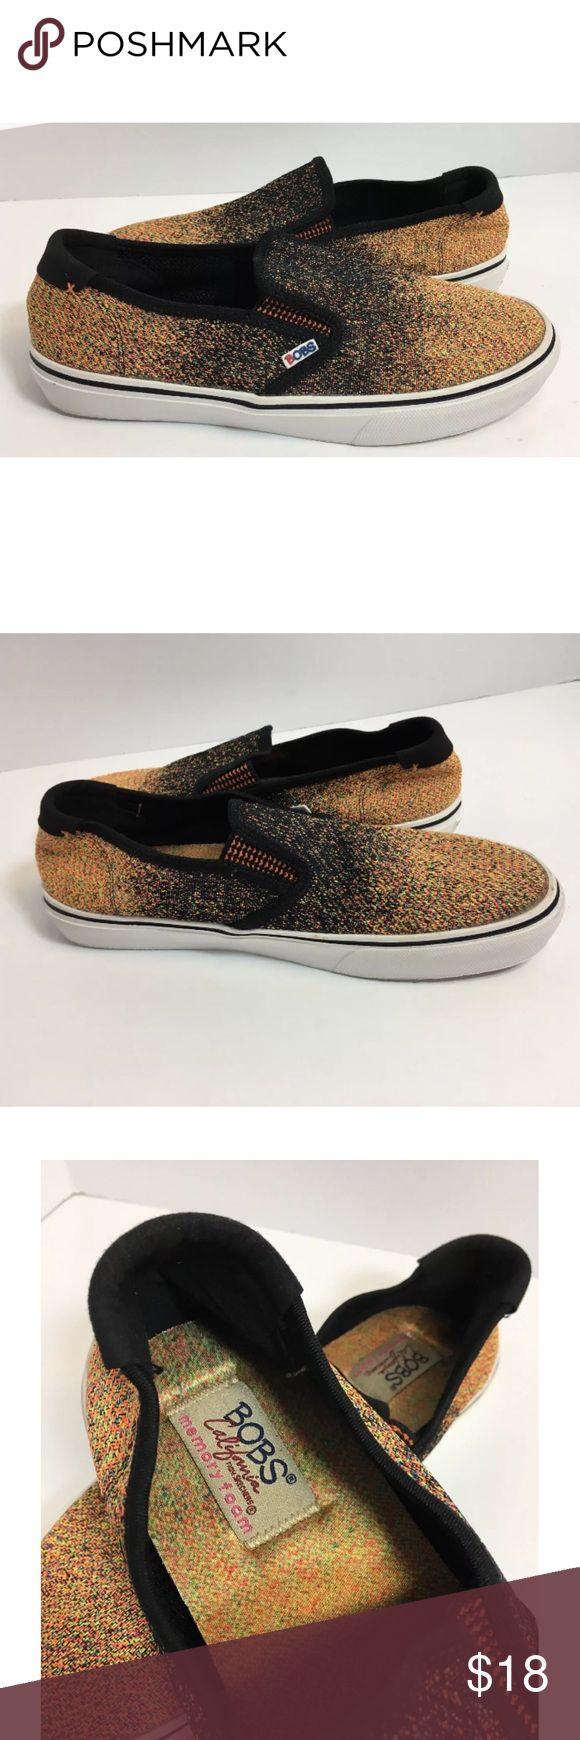 Bobs Skechers Black Neon Menace Lite Black Shoes Bobs Skechers Size 8 Memory Foam Menace Lite Black Slip On Shoes Skechers Shoes Flats & Loafers